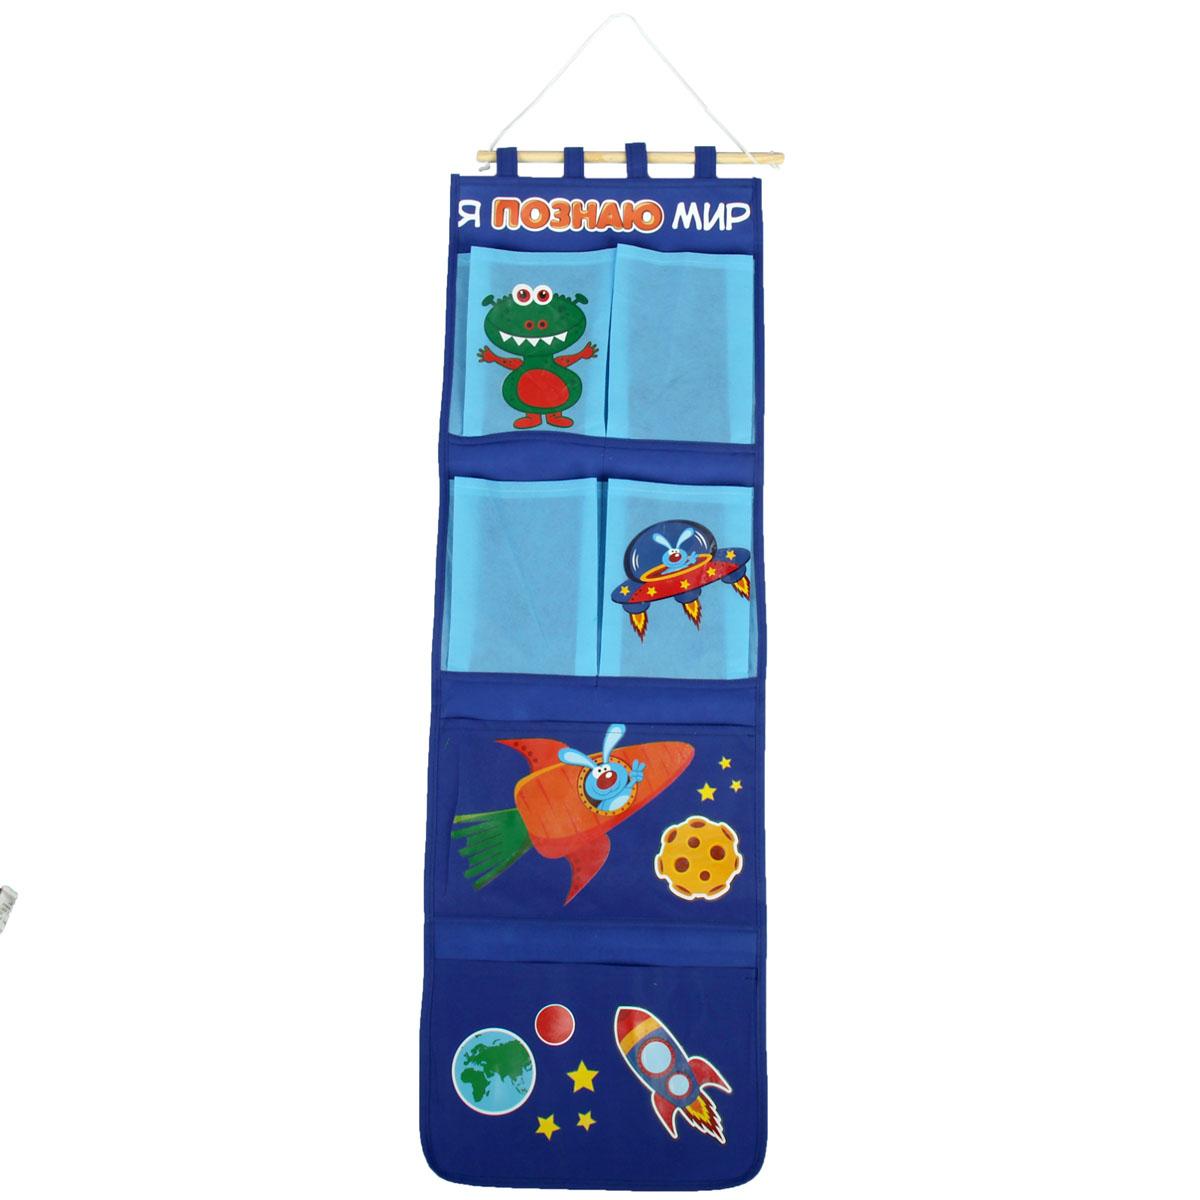 Кармашки на стену Sima-land Я познаю мир, цвет: голубой, синий, желтый, 6 шт906884Кармашки на стену Sima-land «Я познаю мир», изготовленные из текстиля, предназначены для хранения необходимых вещей, множества мелочей в гардеробной, ванной, детской комнатах. Изделие представляет собой текстильное полотно с шестью пришитыми кармашками. Благодаря деревянной планке и шнурку, кармашки можно подвесить на стену или дверь в необходимом для вас месте. Кармашки декорированы изображениями ракеты из морковки, космического корабля, инопланетянина и надписью «Я познаю мир».Этот нужный предмет может стать одновременно и декоративным элементом комнаты. Яркий дизайн, как ничто иное, способен оживить интерьер вашего дома.